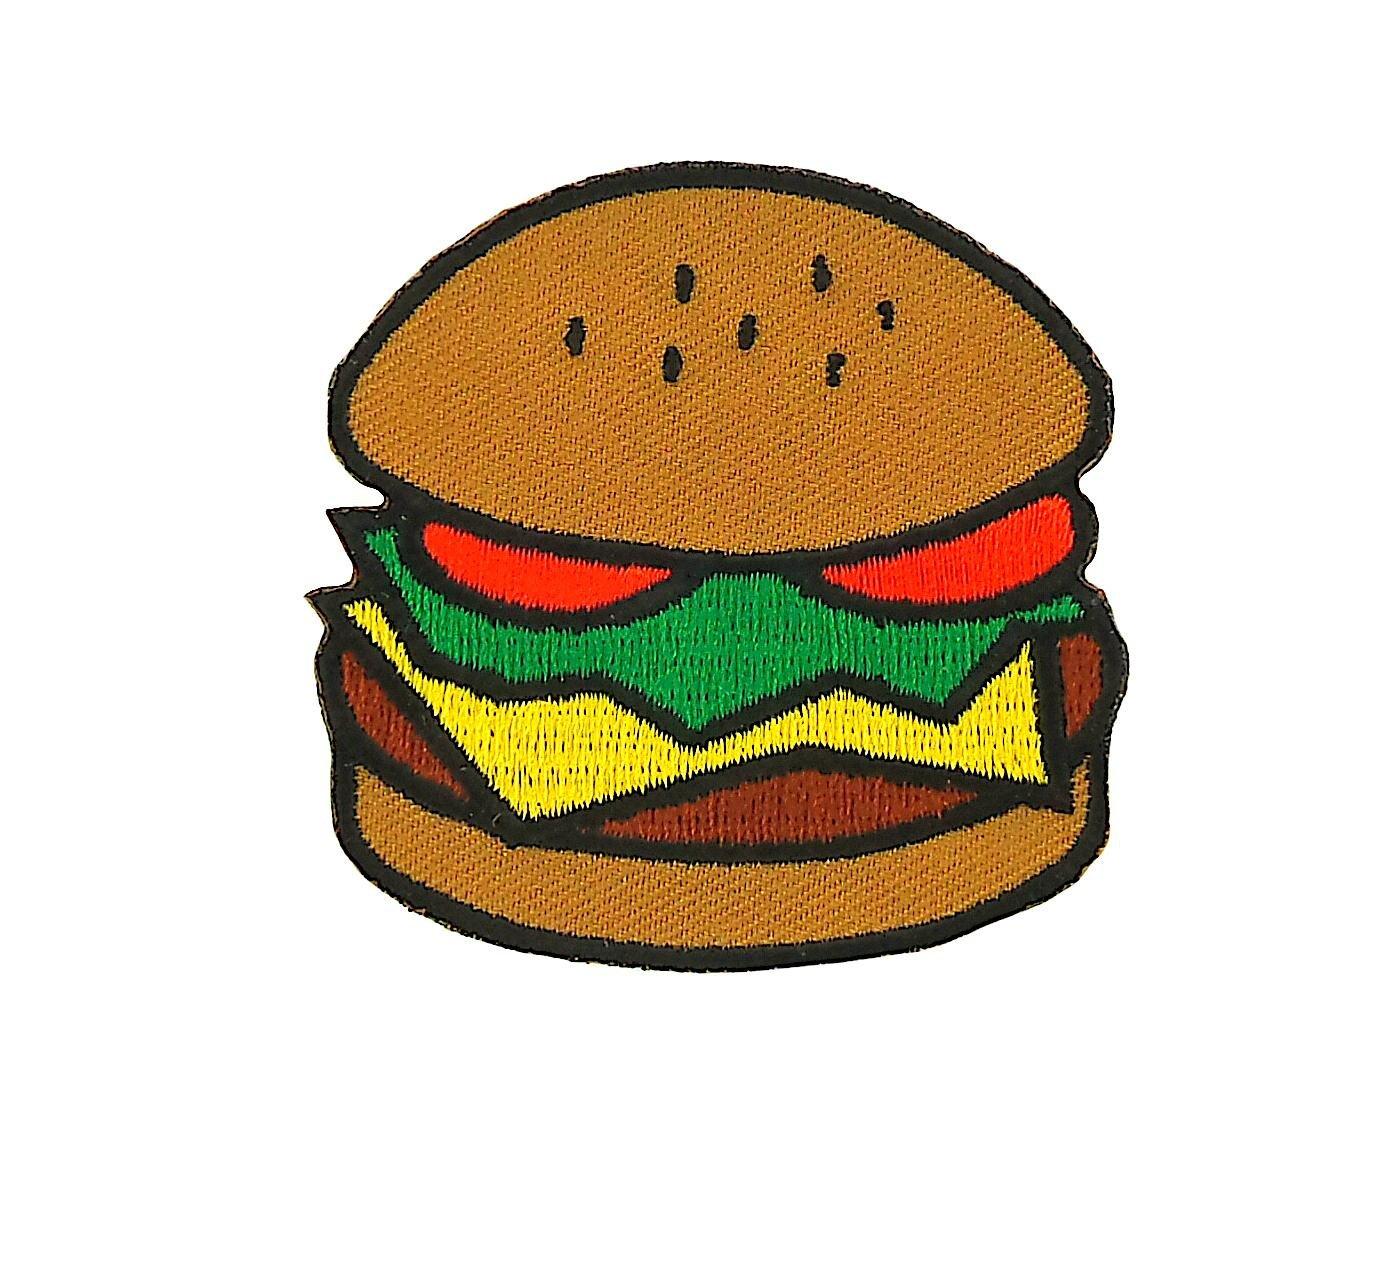 patch ecusson brode applique backpack blouson doudoune couture kawaii hamburger